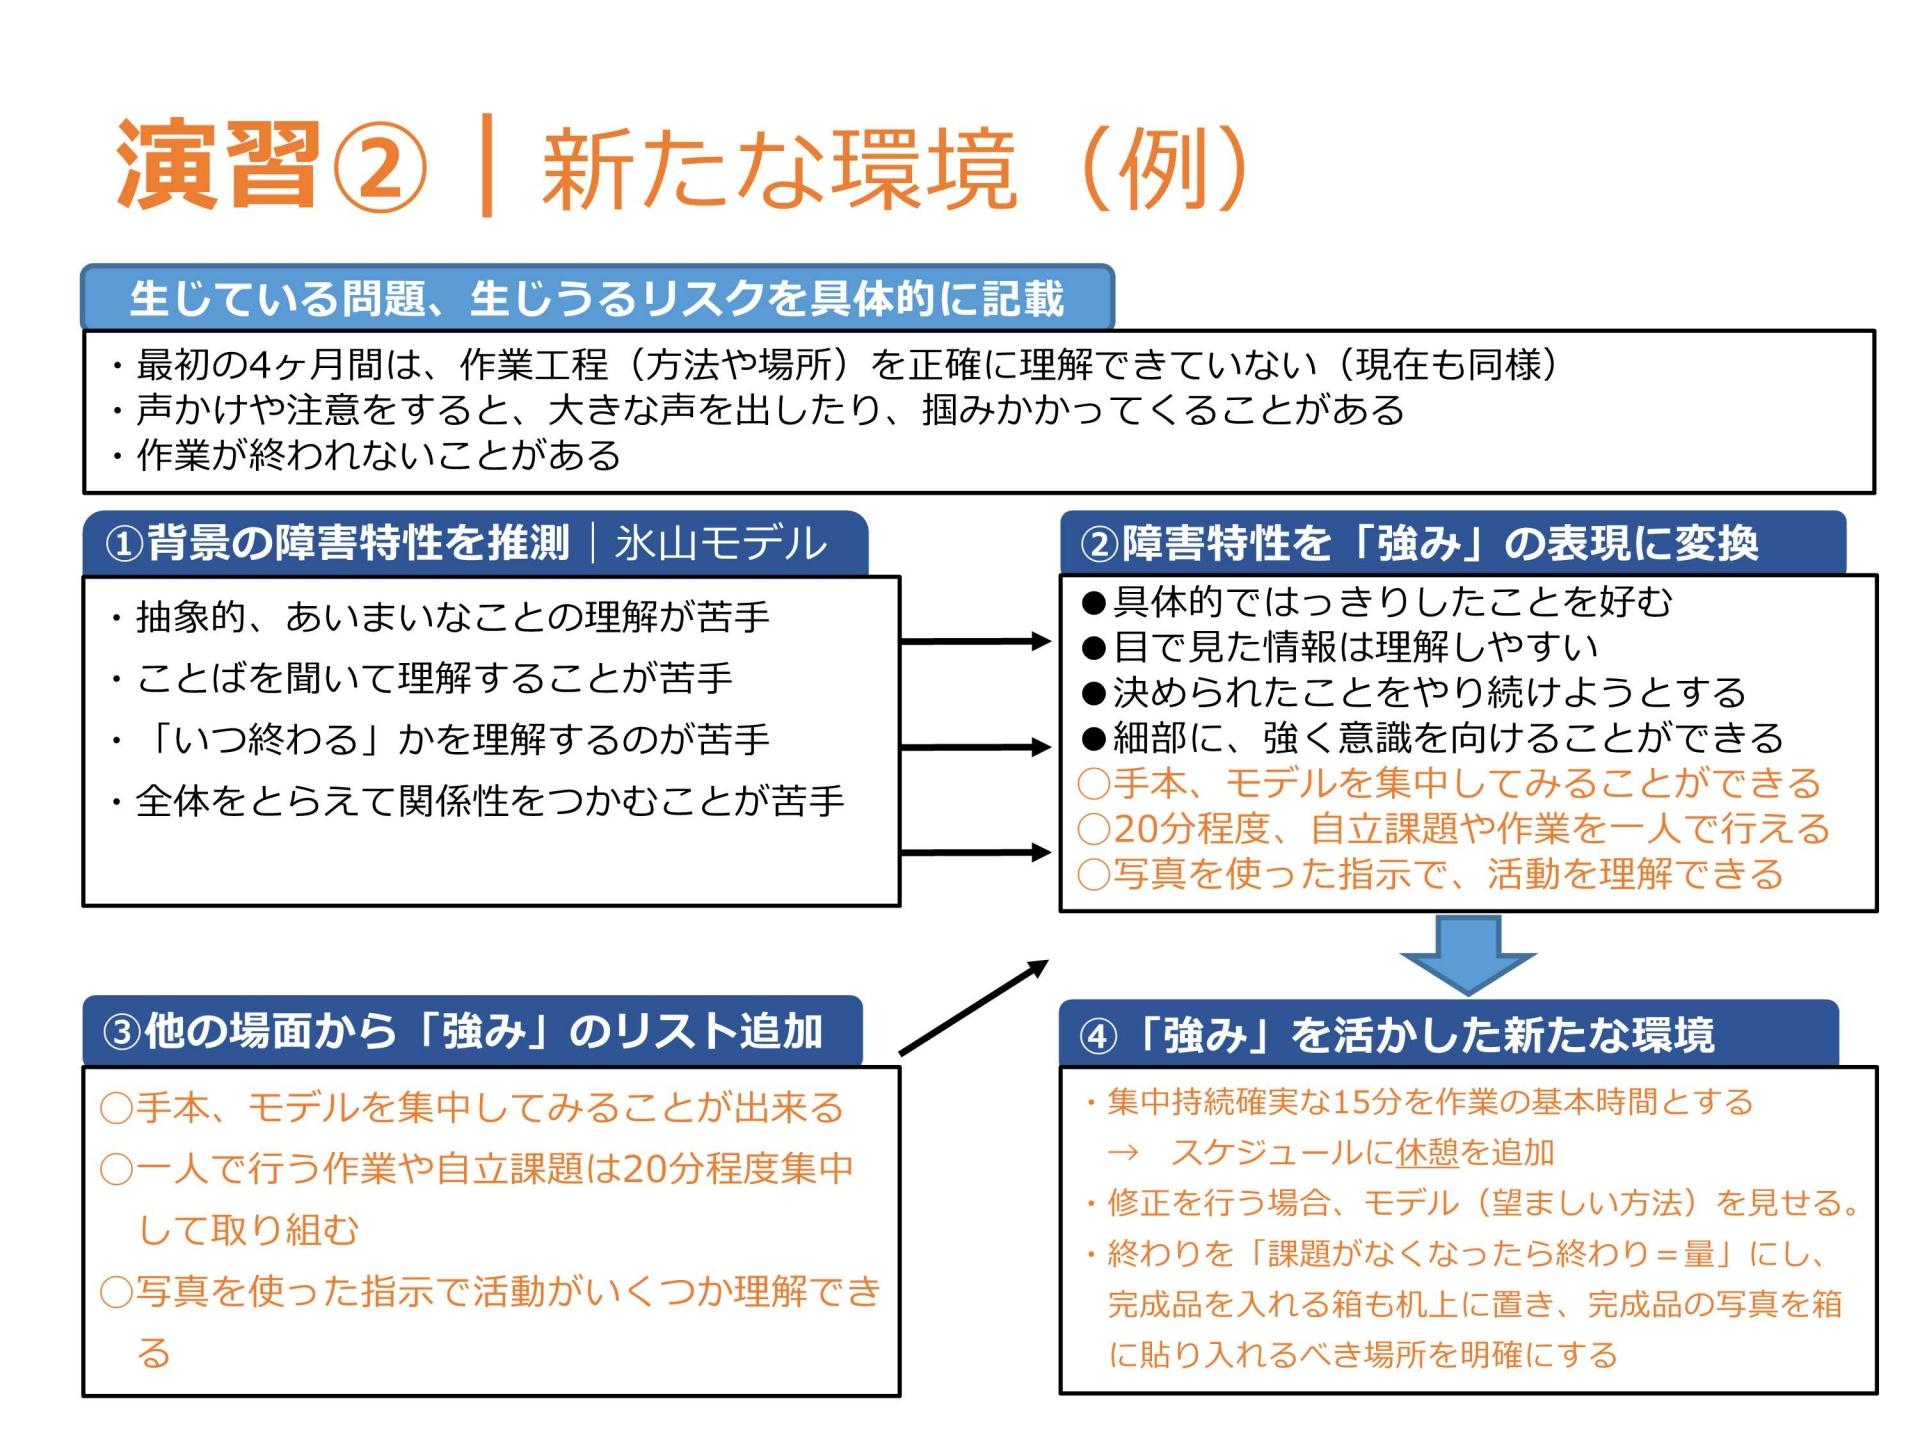 04-1障がい特性とプランニングⅠ(表示用)_2